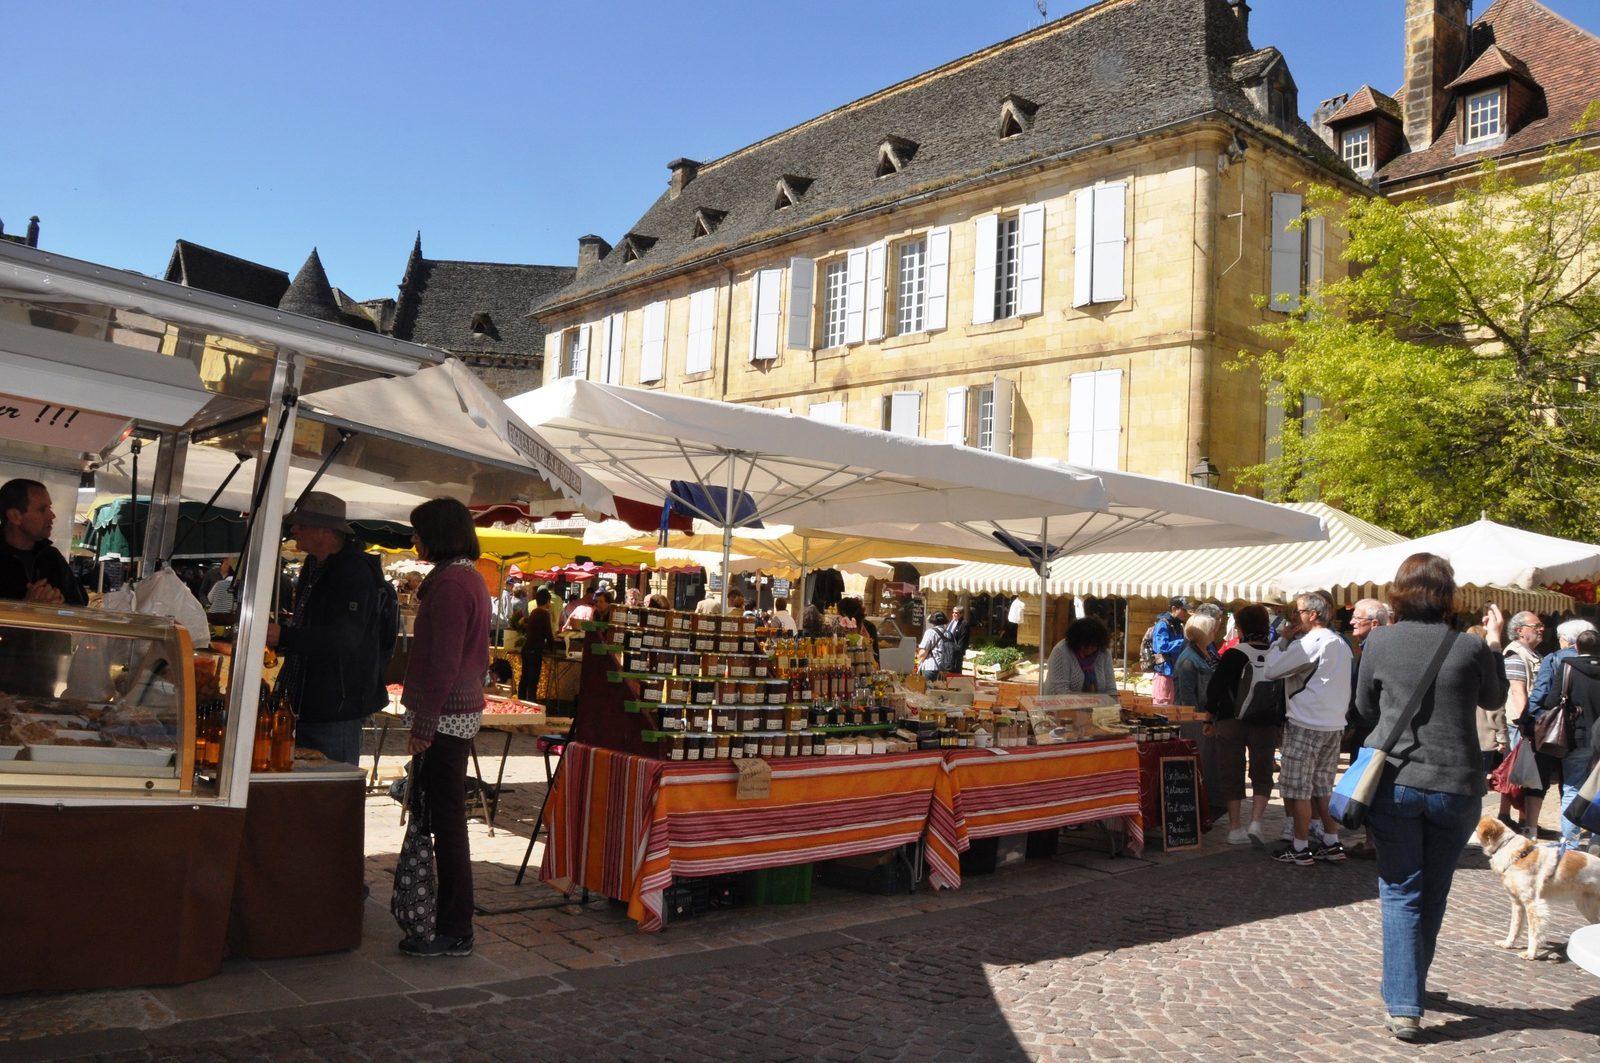 Vakantie, Frankrijk, Dordogne, markten, vakantiehuizen